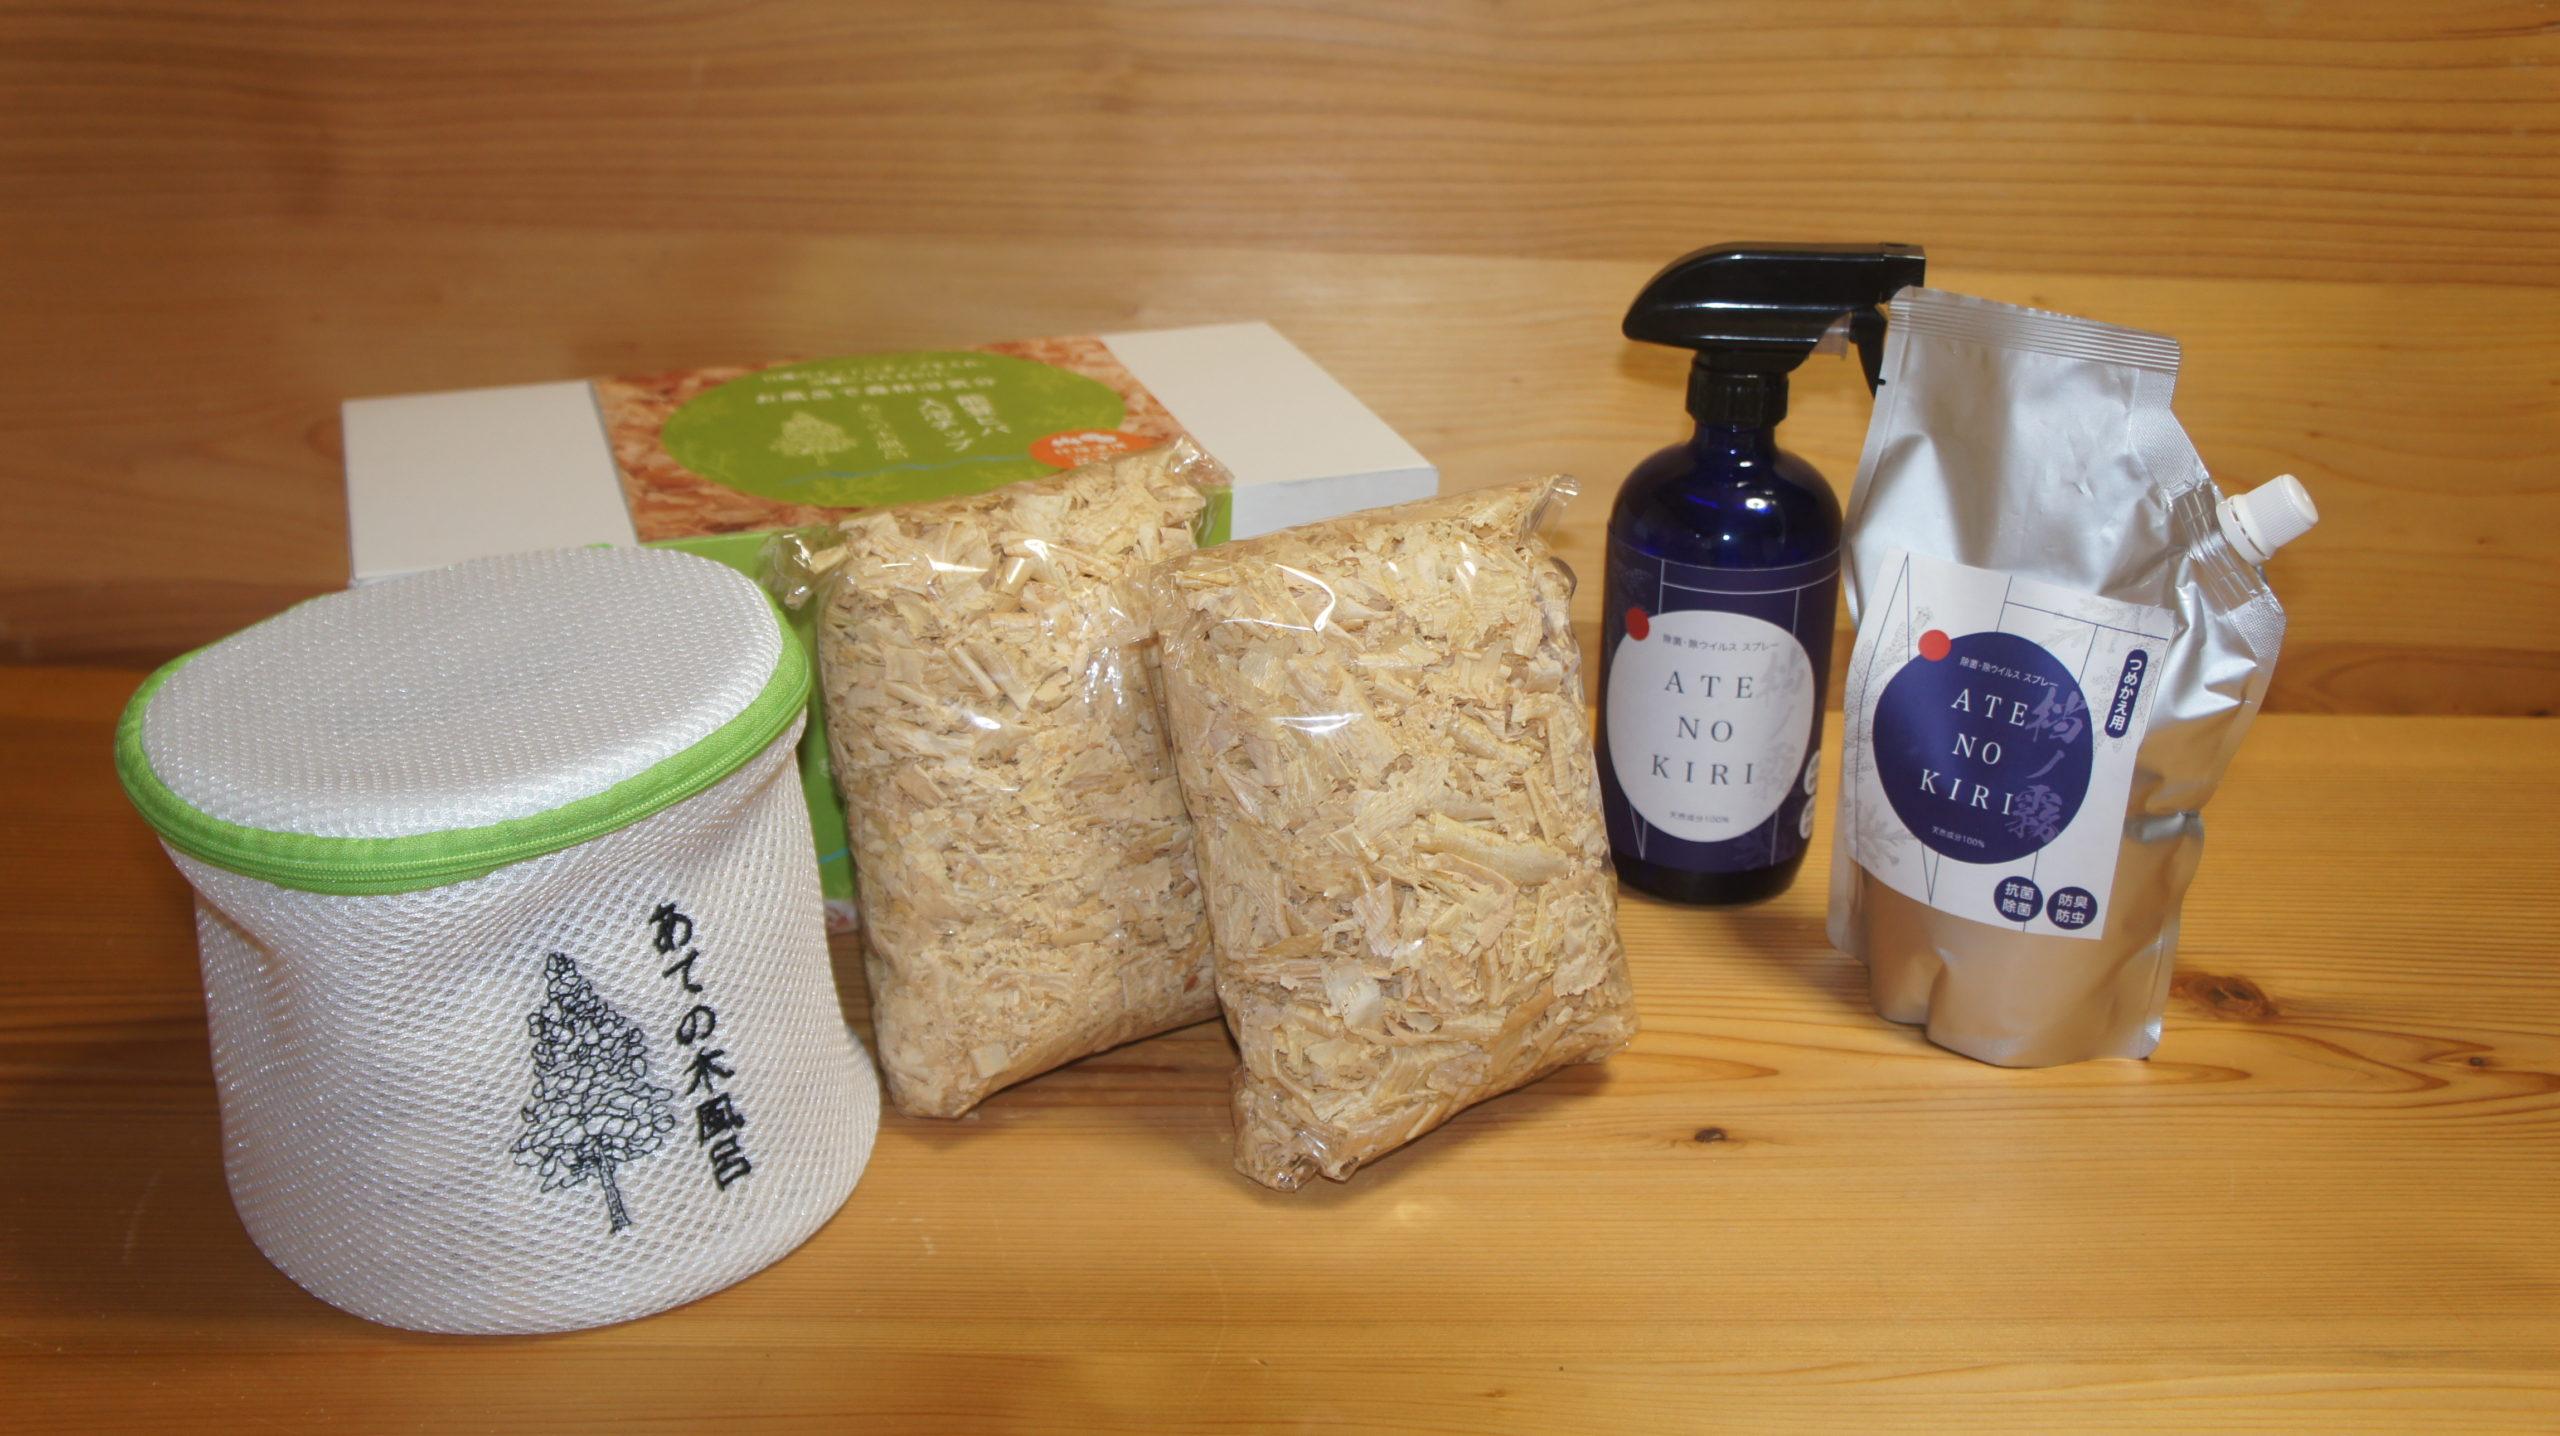 いよいよ林福連携での新商品2種類が販売となります。能登ヒバを利用した香りを楽しむ新商品となります。是非ご利用ください。詳細は開発商品のページにて!